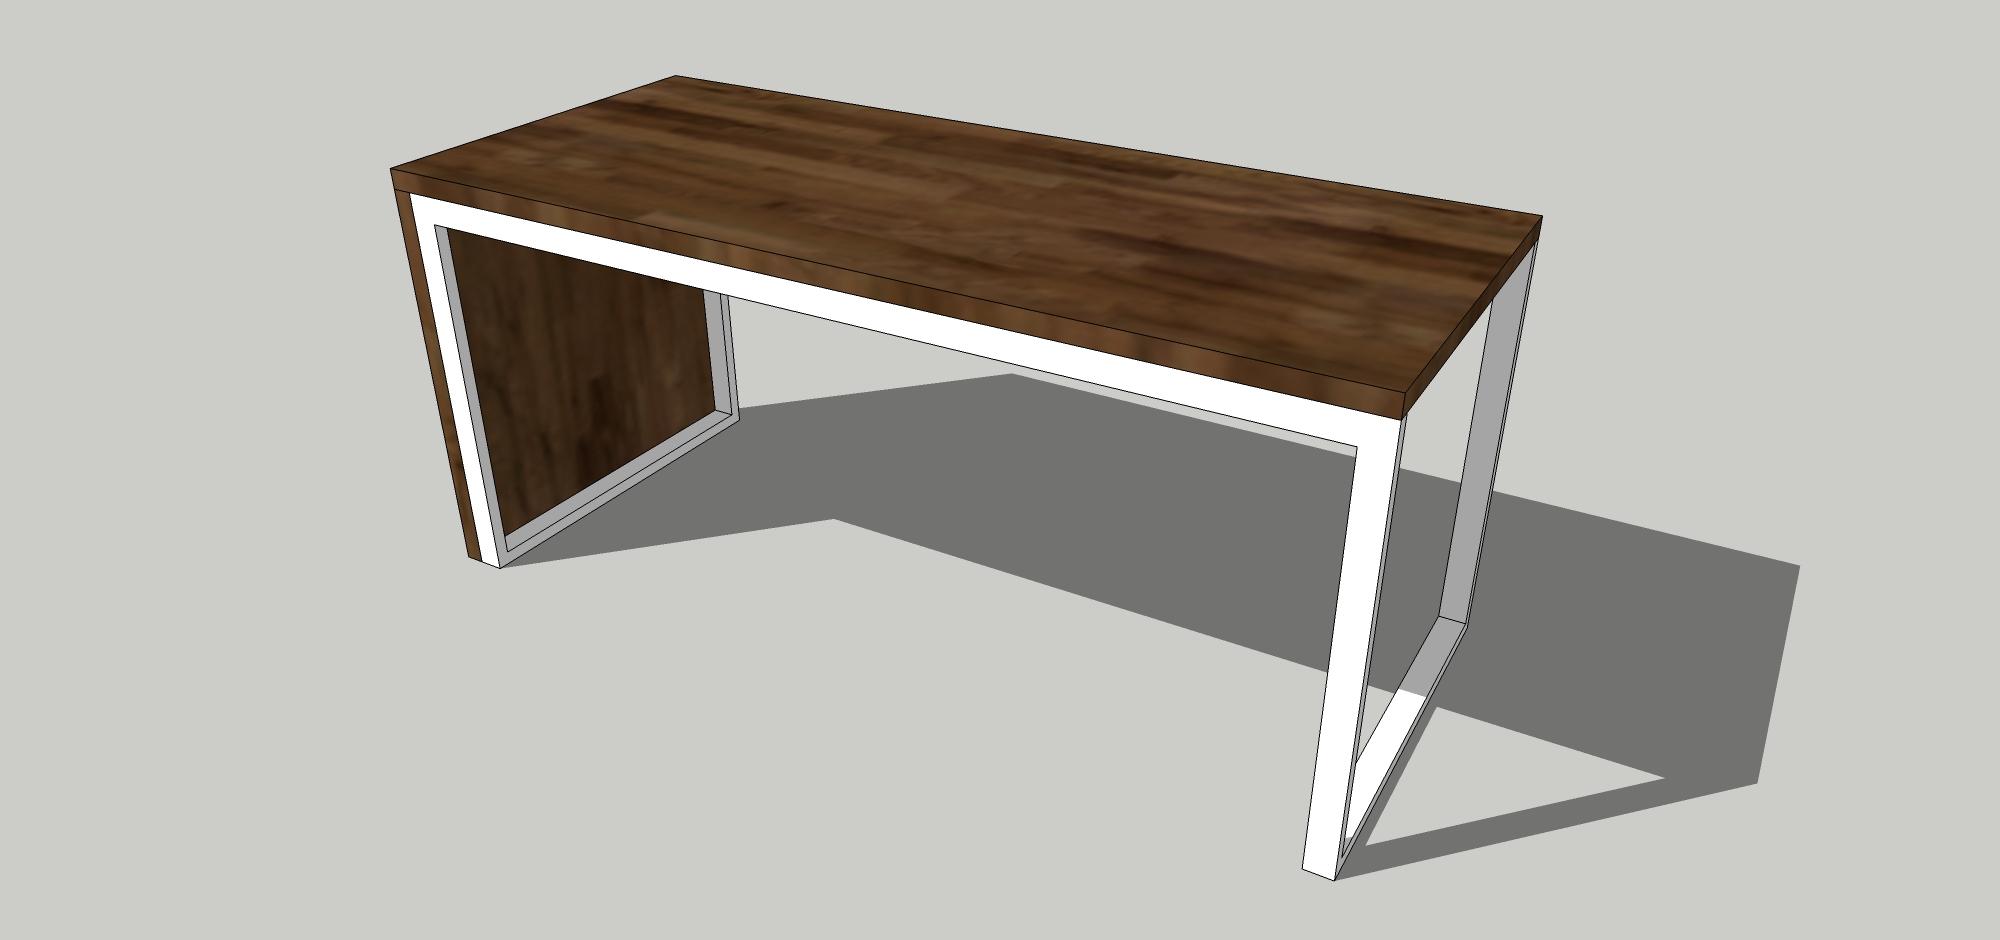 MH_desk-1.jpg